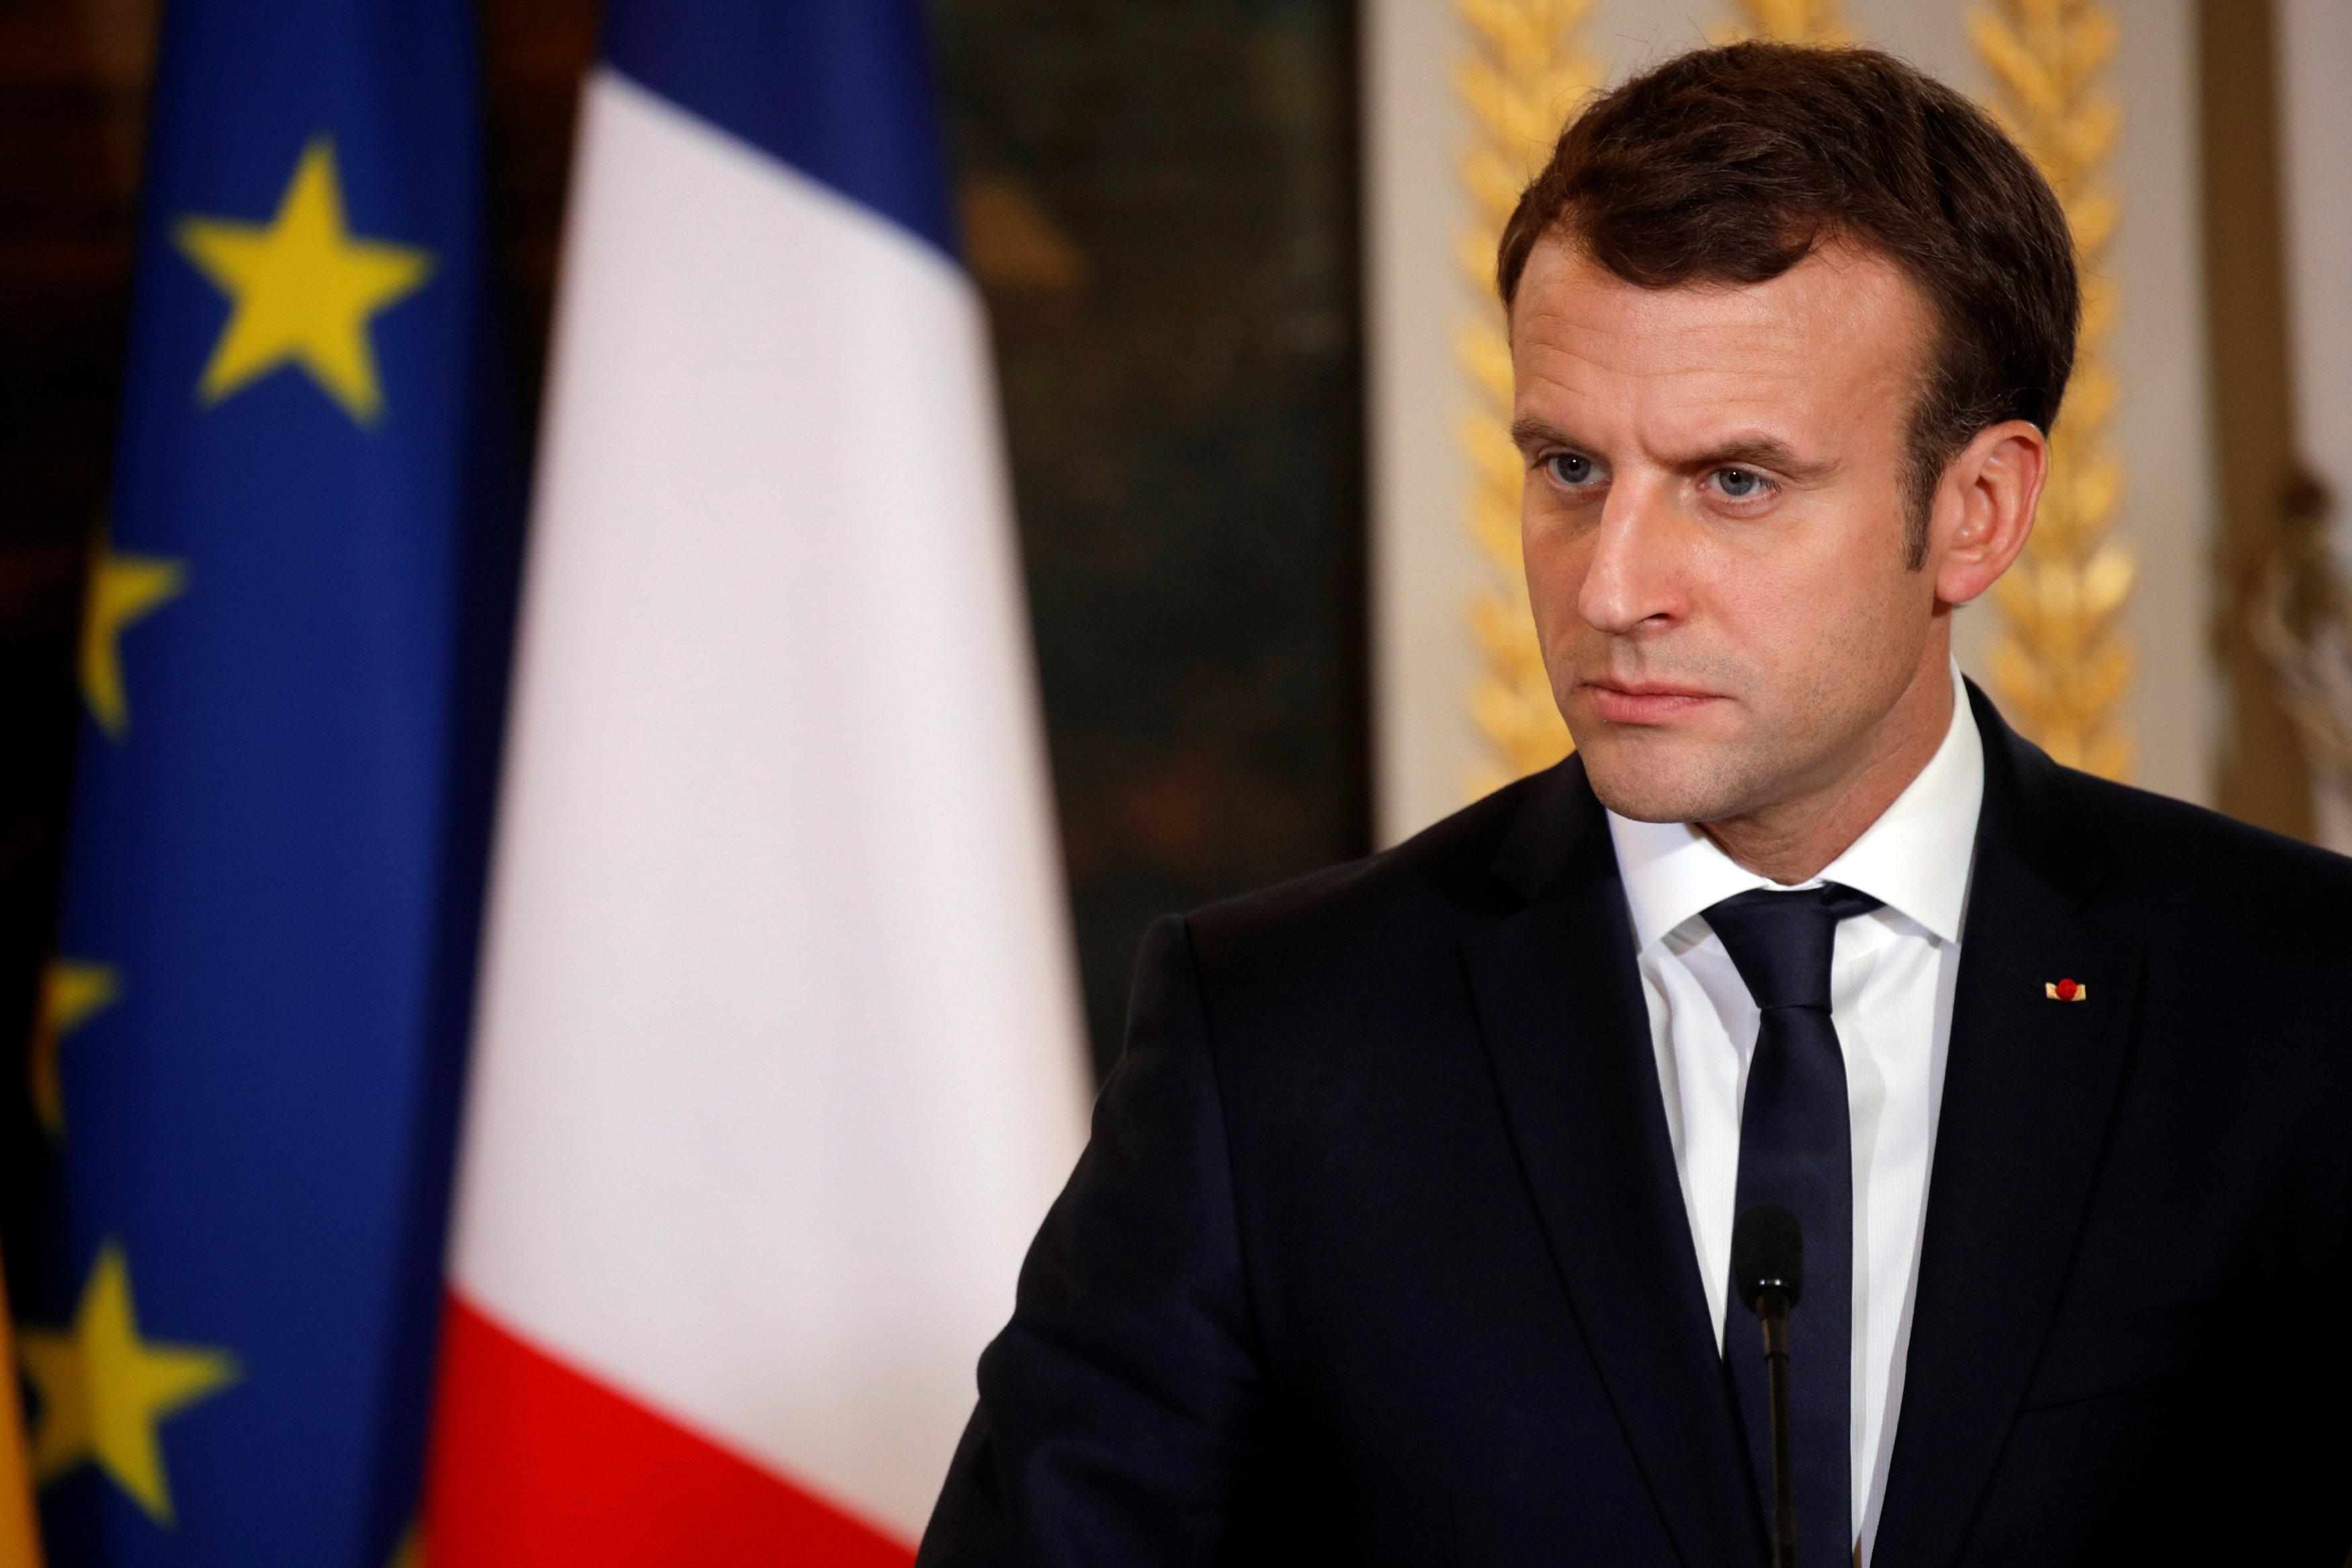 تزايد الضغط على الرئيس الفرنسي بسبب مبيعات الأسلحة للسعودية والإمارات